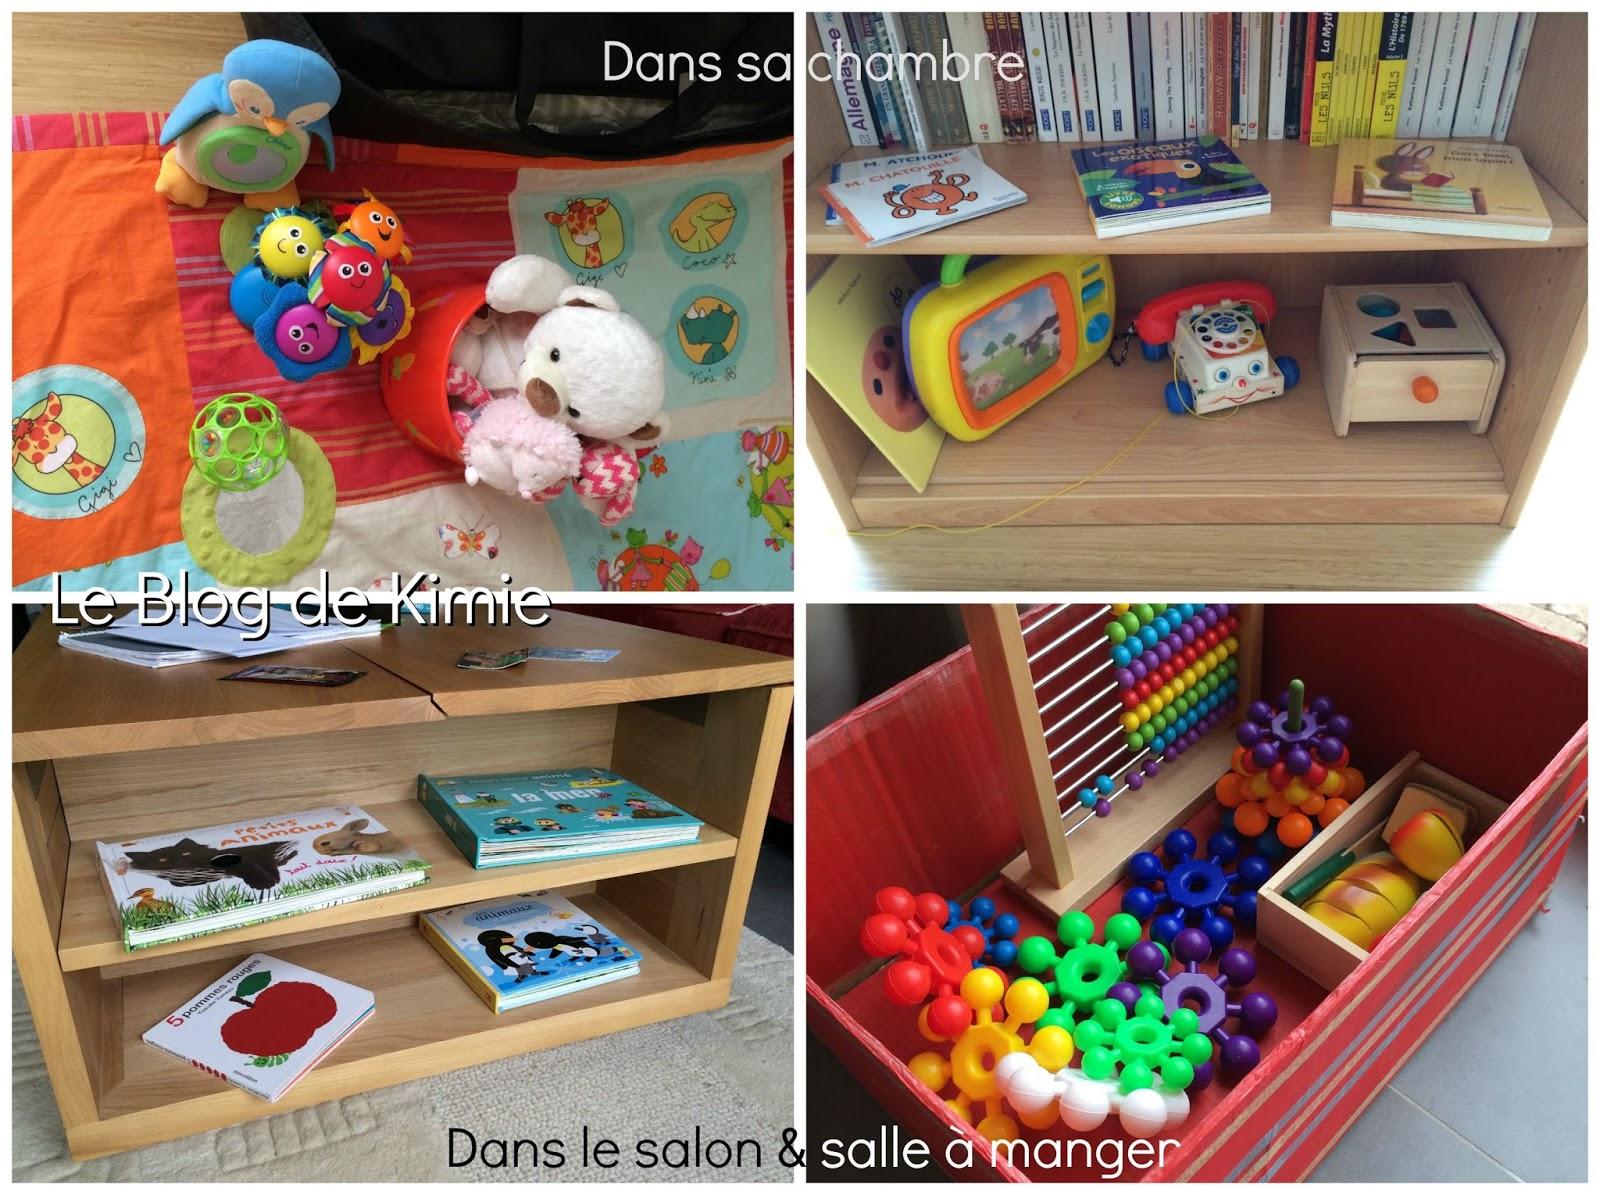 astuce pour acheter le meilleur jouet en bois 12 mois montessori au bon prix. Black Bedroom Furniture Sets. Home Design Ideas